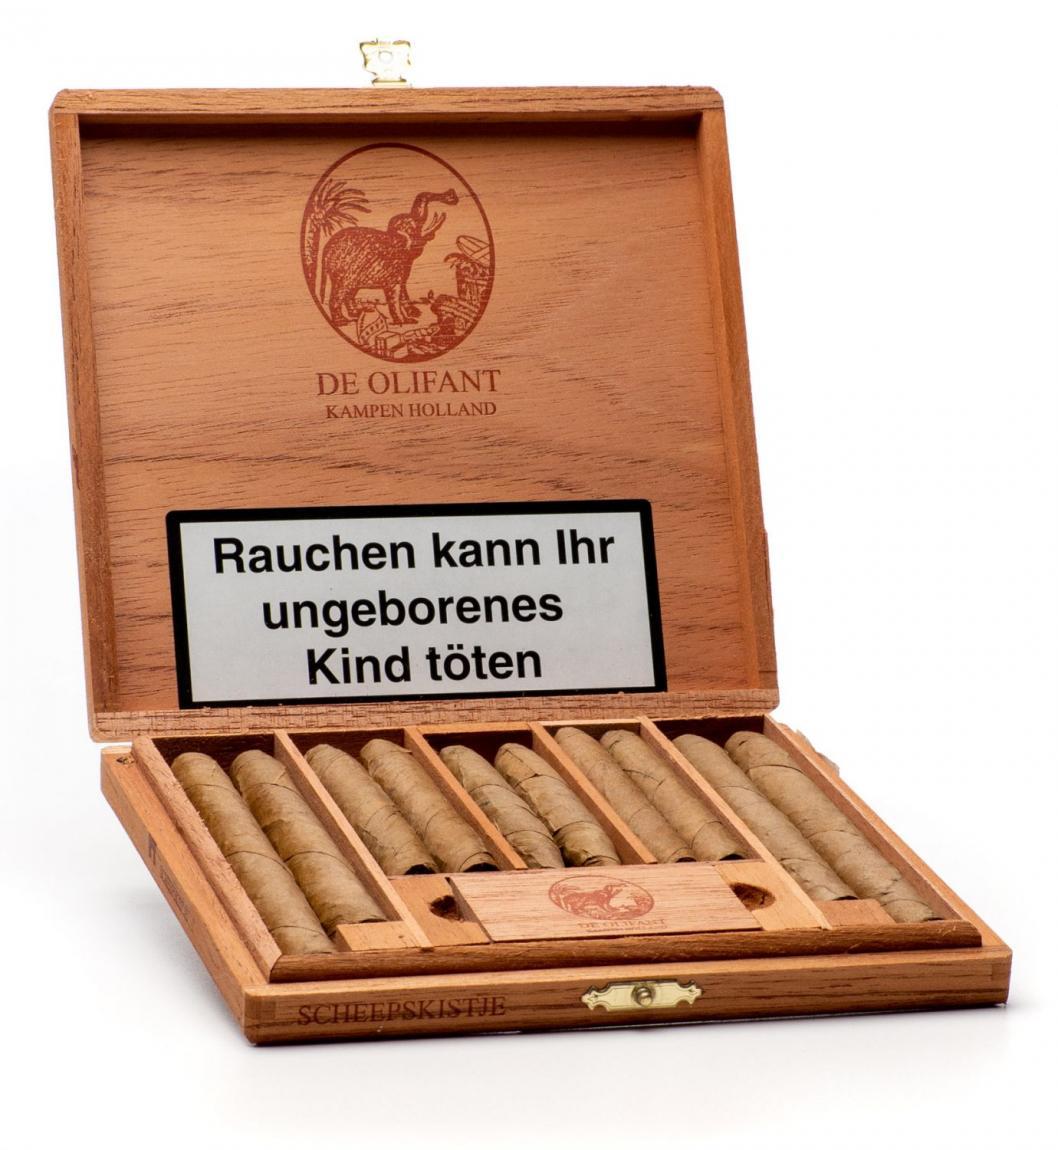 De Olifant »Classic« Scheepskistje Sampler 10er Kiste